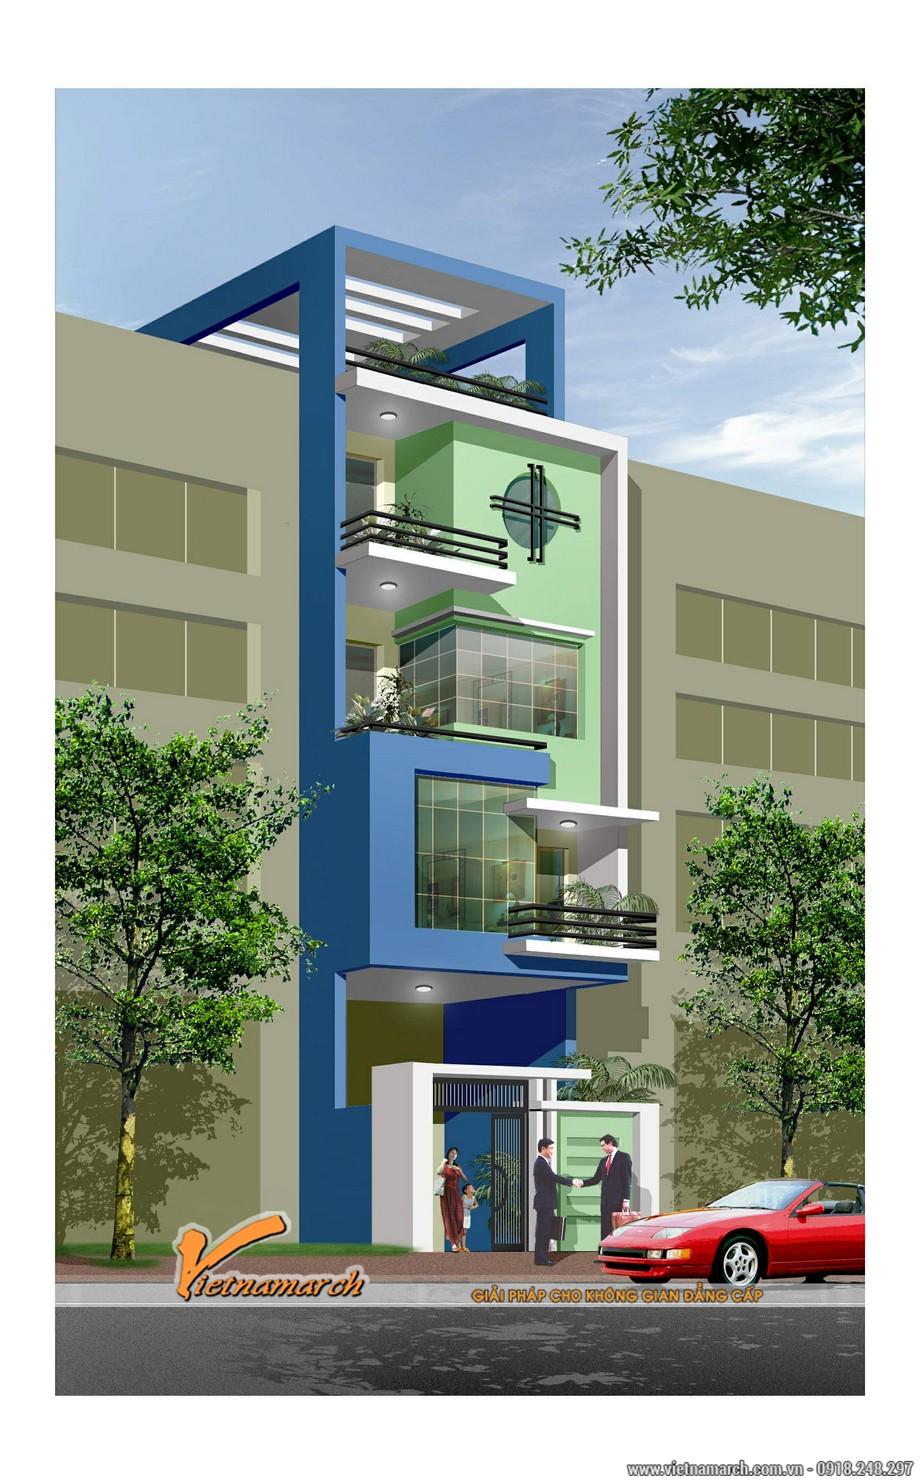 Phối cảnh tổng thể thiết kế nhà phố của ngôi nhà anh Hải tại Hải Phòng